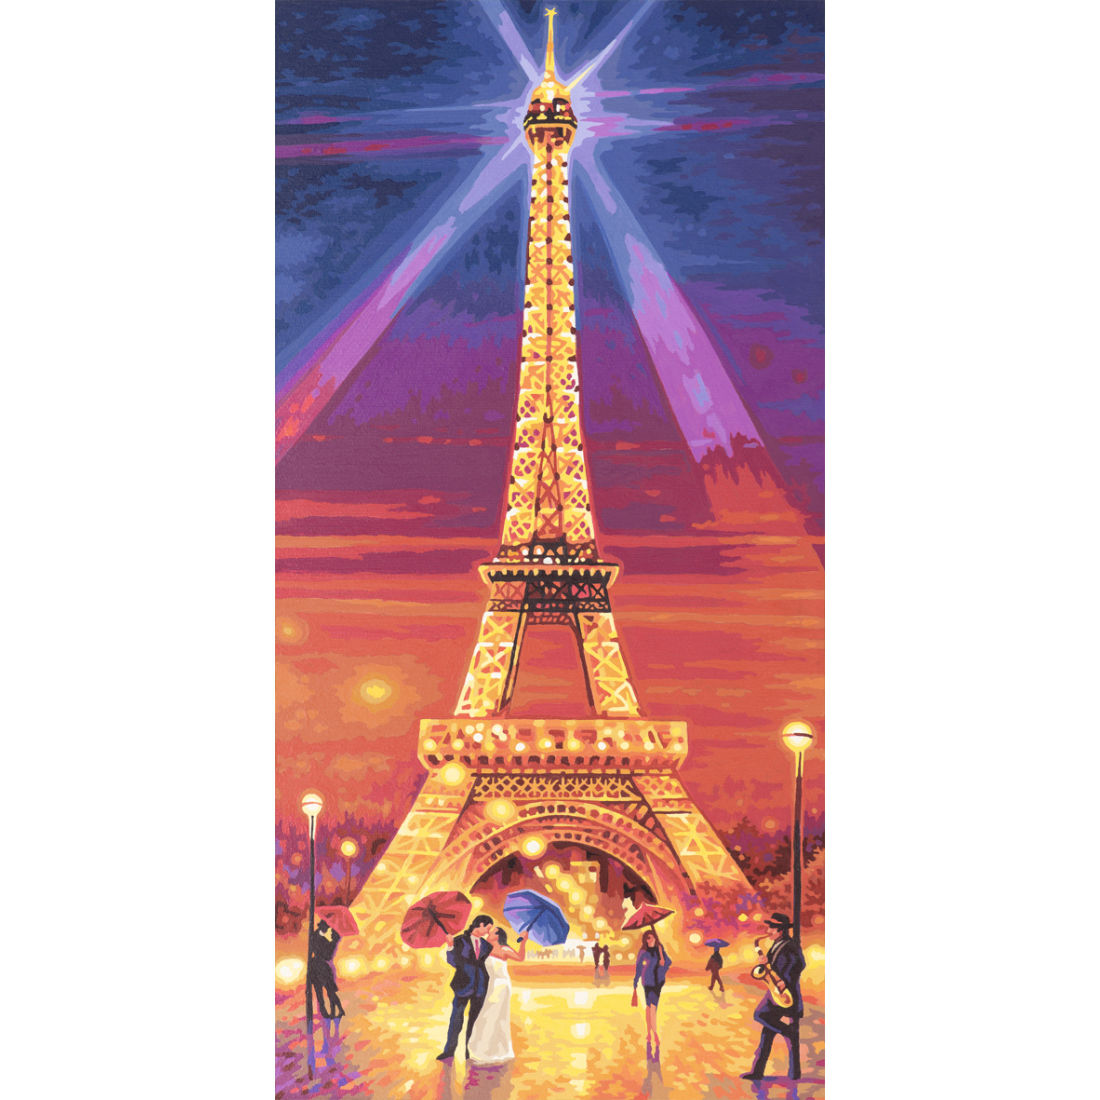 Набор для раскрашивания по номерам «Эйфелева башня ночью», 40 х 80 см.Раскраски по номерам Schipper<br>Набор для раскрашивания по номерам «Эйфелева башня ночью», 40 х 80 см.<br>